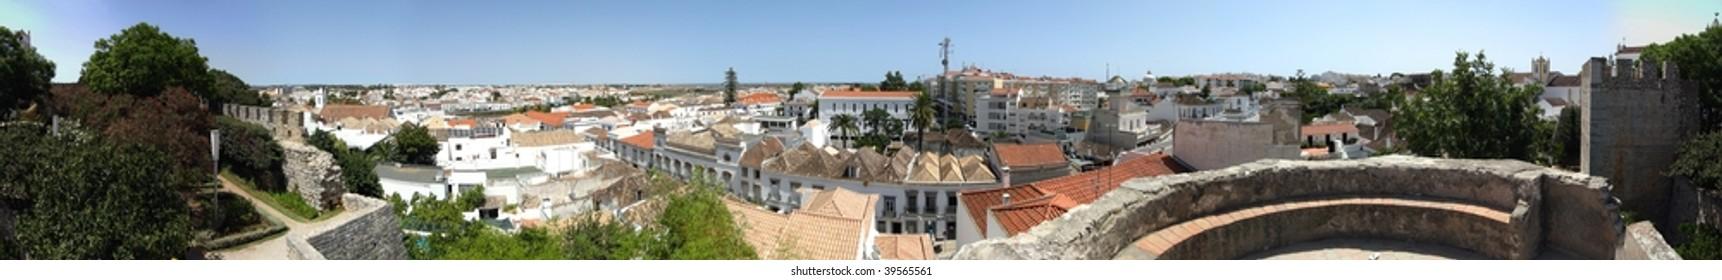 360 degree panorama of Tavira, Portugal